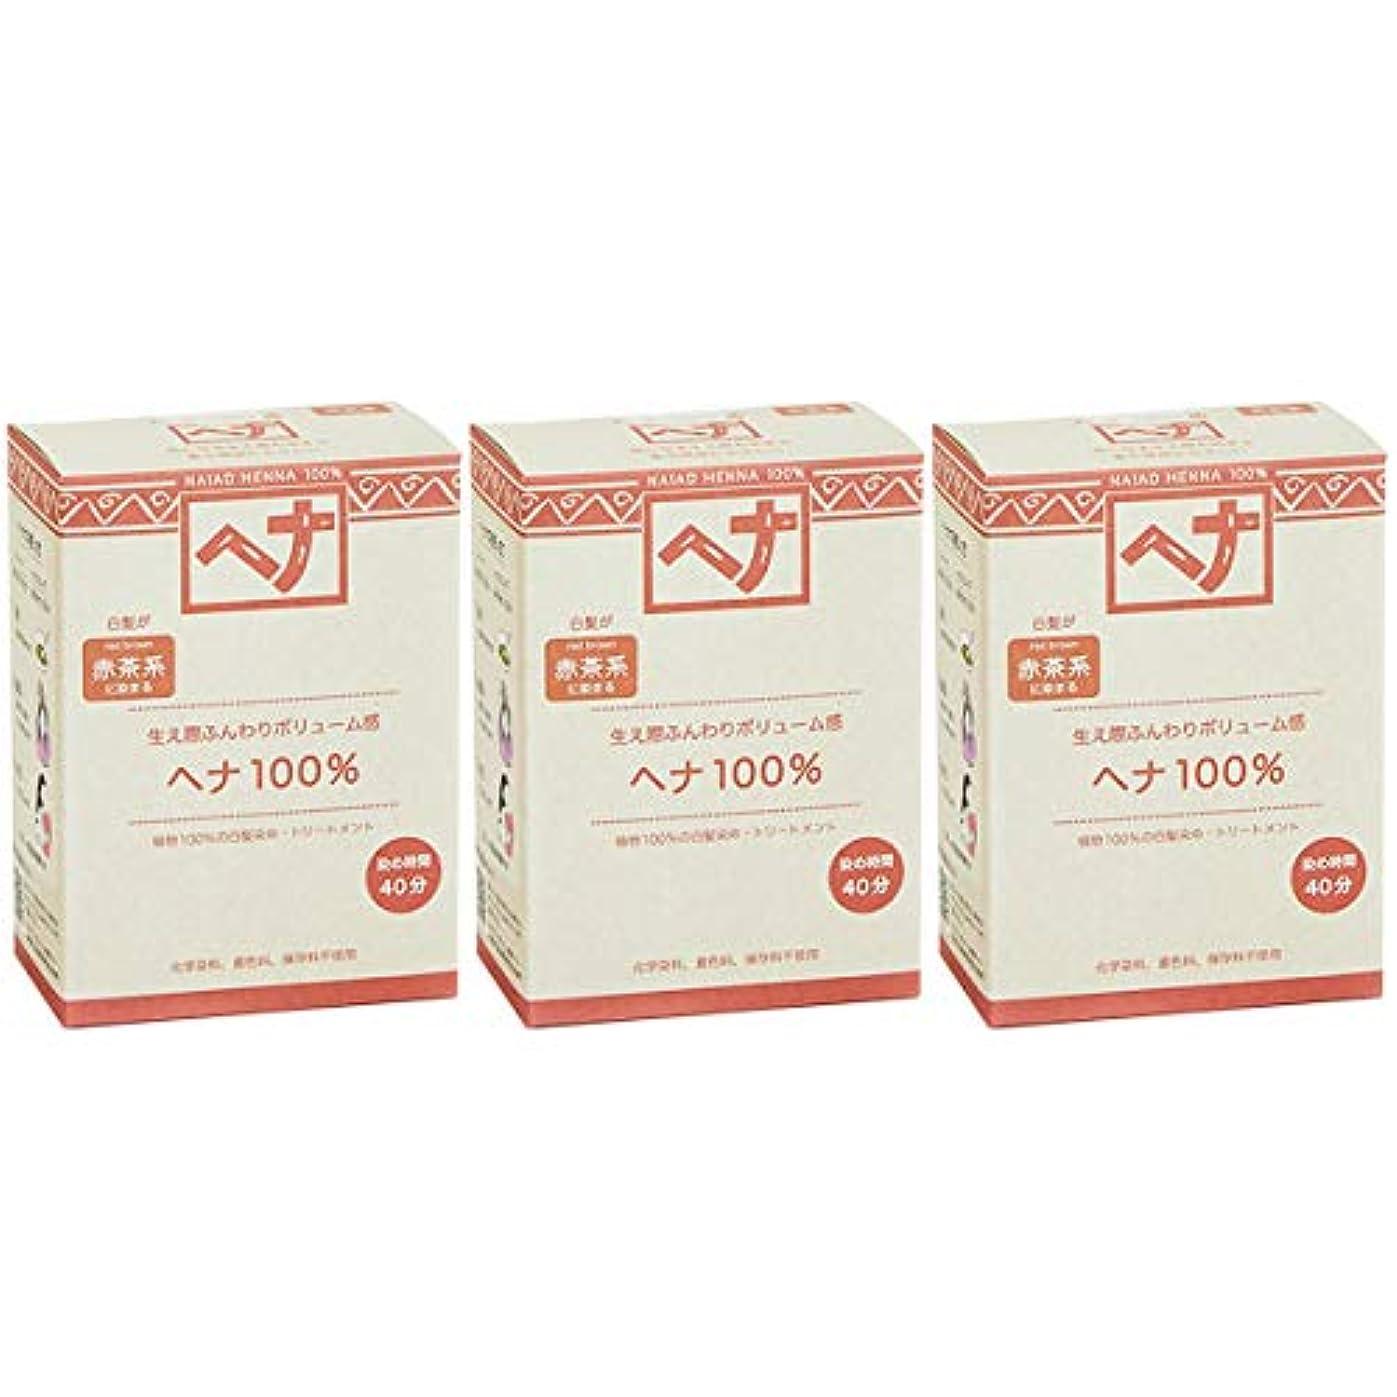 いわゆる苛性置くためにパックナイアード ヘナ 100% 赤茶系 生え際ふんわりボリューム感 100g 3個セット 白髪染め 100%植物でつくられた自然素材